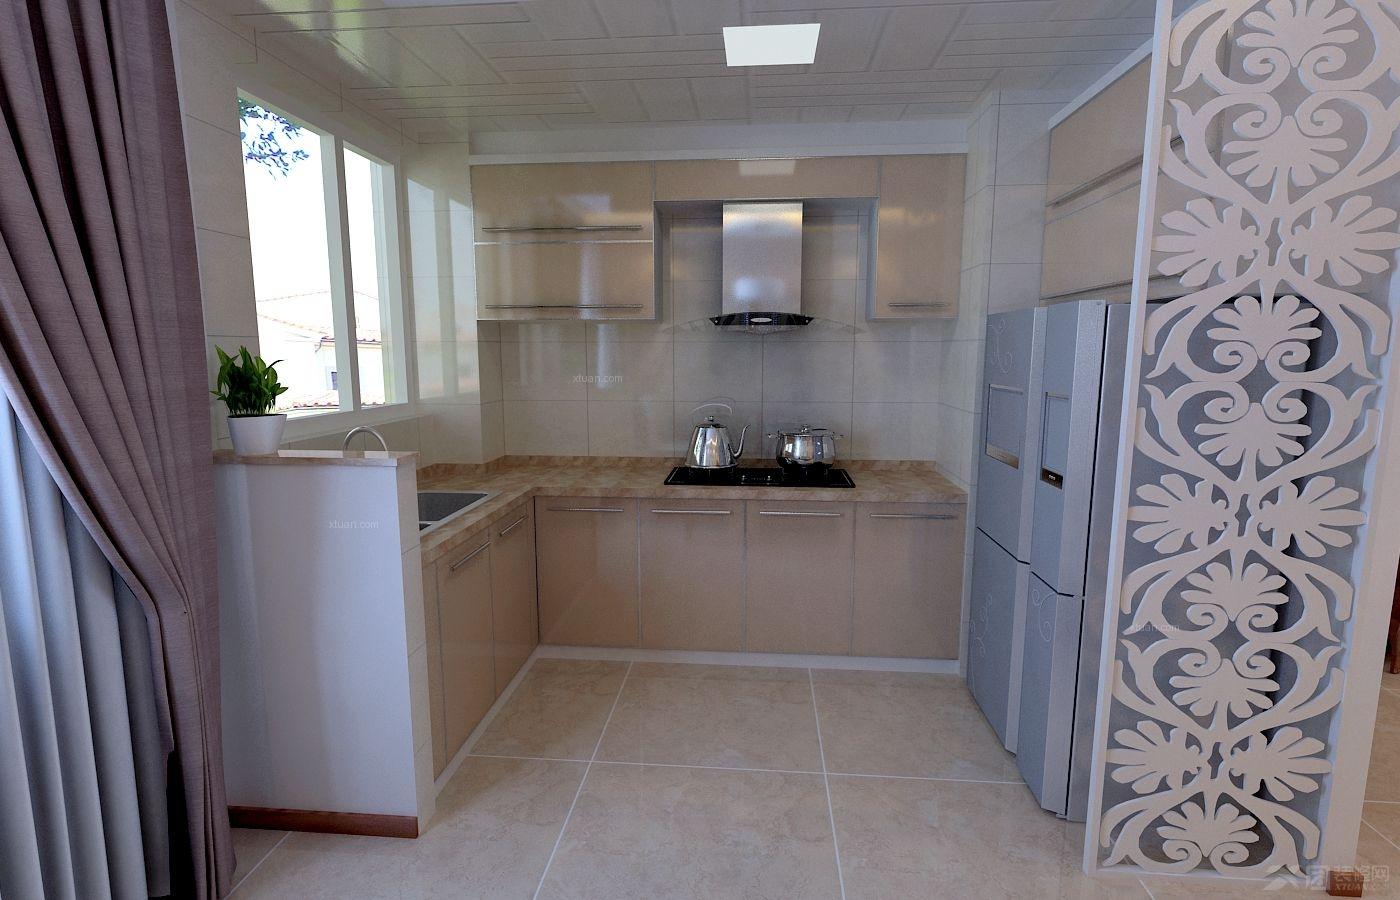 两室两厅现代简约厨房_第一城2室2厅1卫装修效果图-x